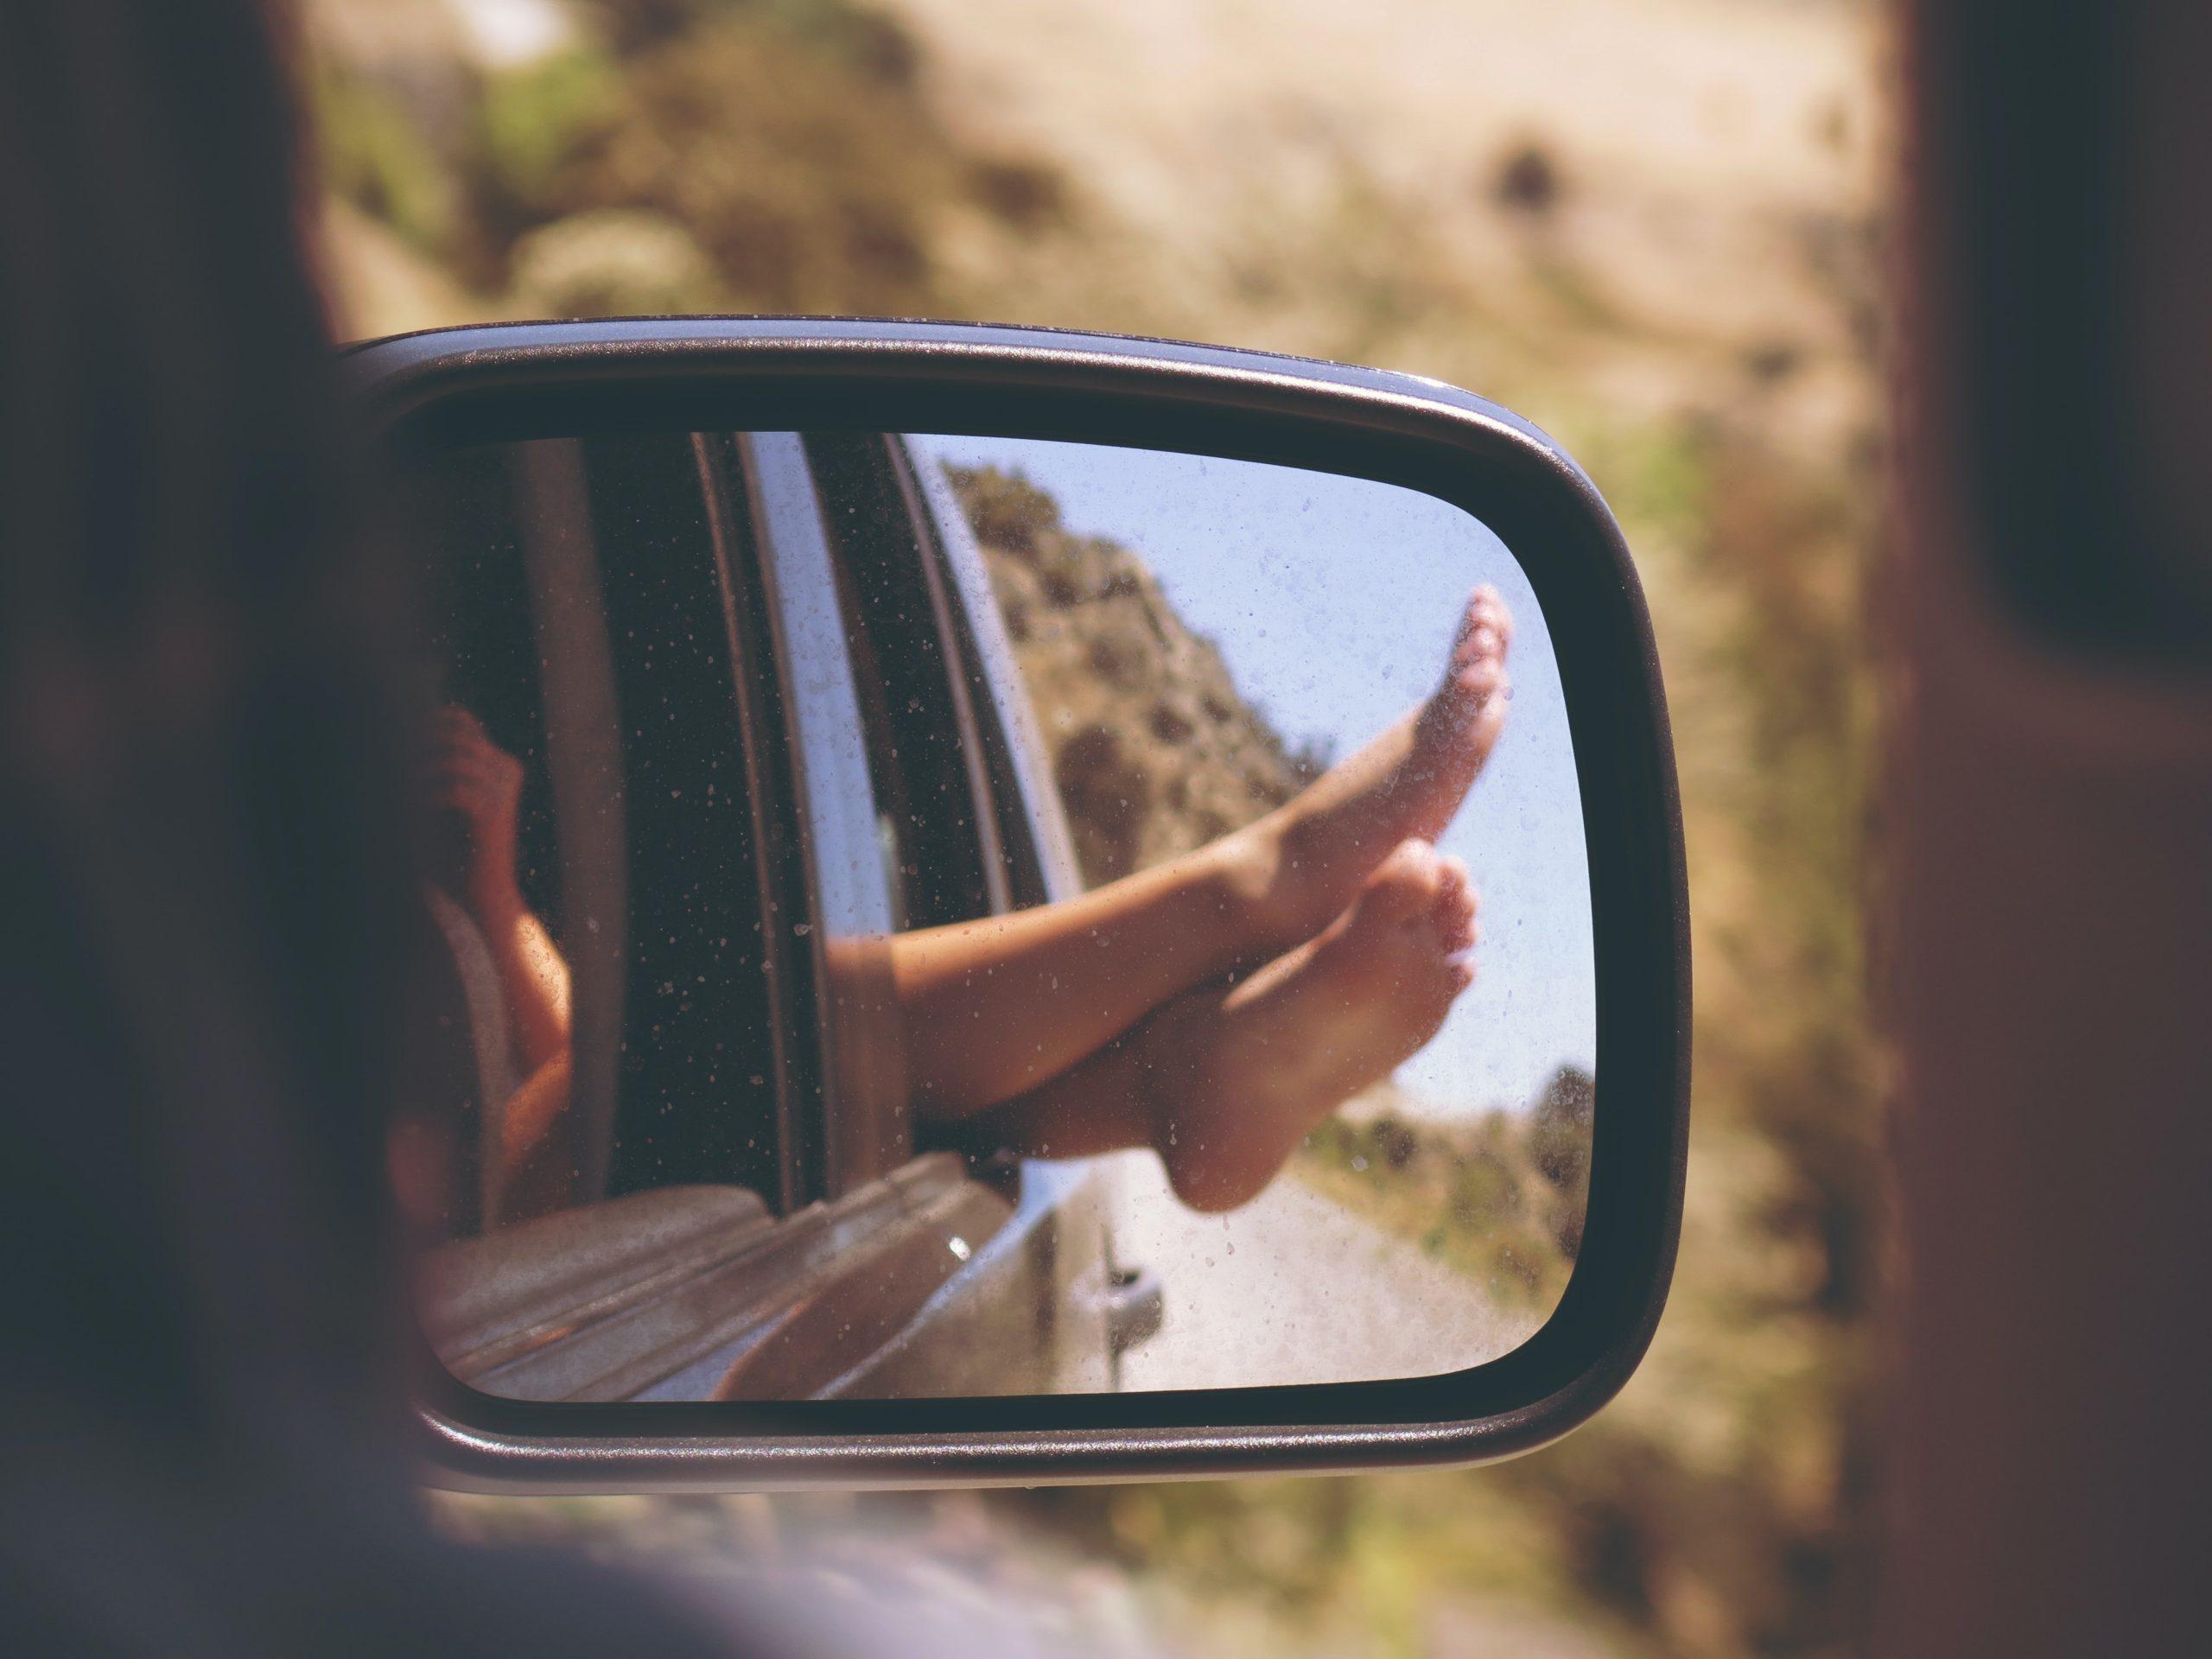 Pieds miroir roadtrip